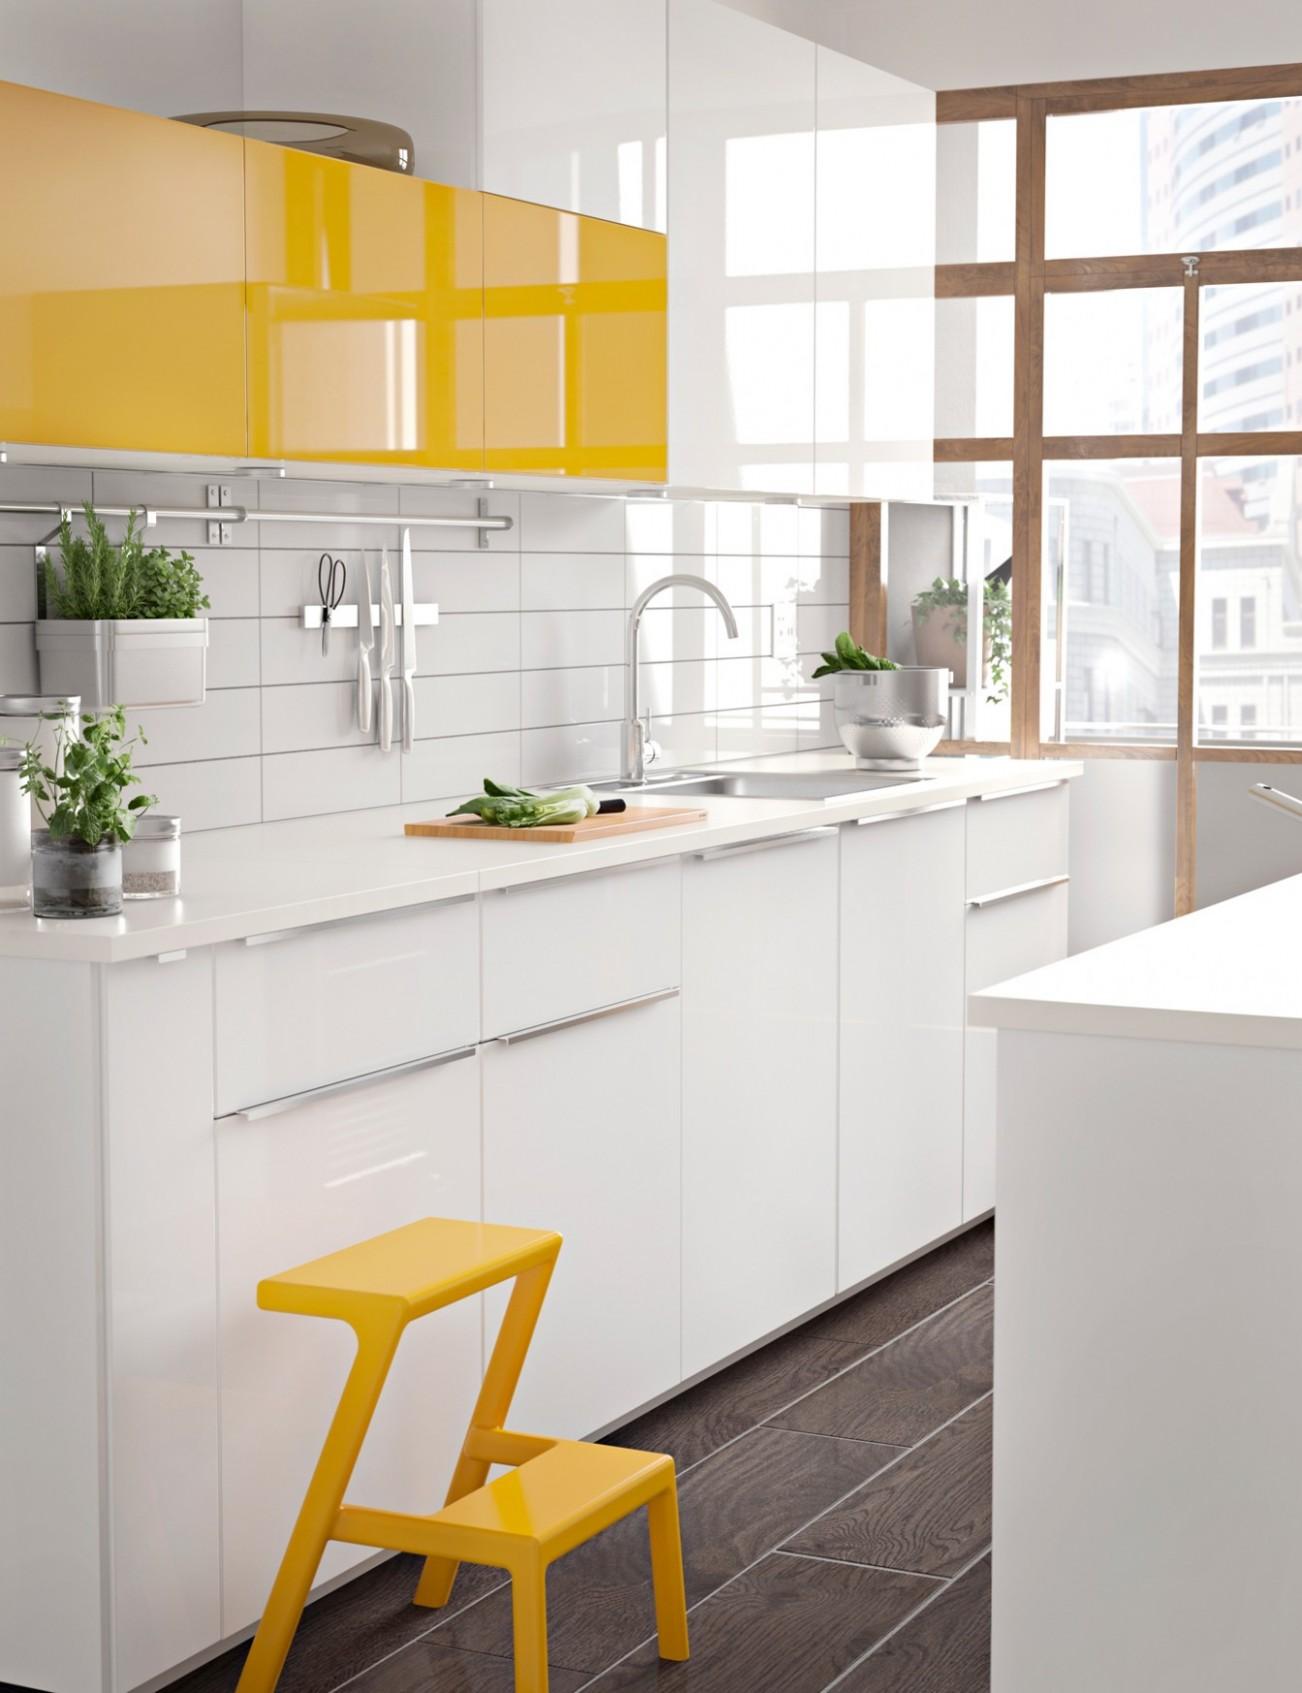 75 Nejlepší z Bílá Kuchyňská Linka Ikea - mujDum.co